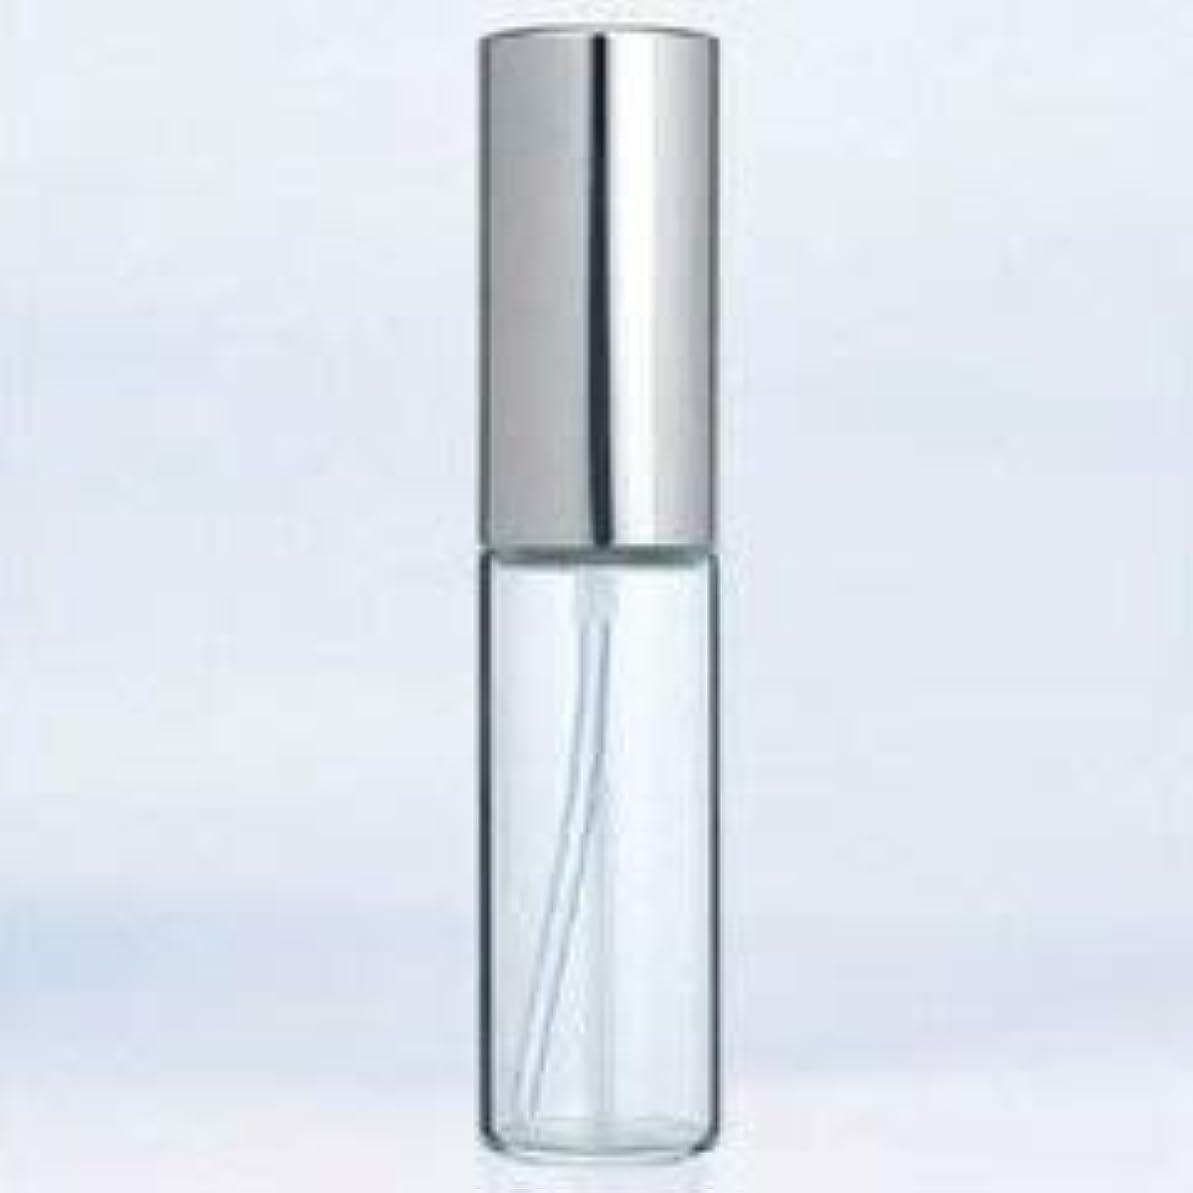 香港凶暴な少数【ヤマダアトマイザー】グラスアトマイザー プラスチックポンプ 無地 6202 アルミキャップ シルバー 10ml